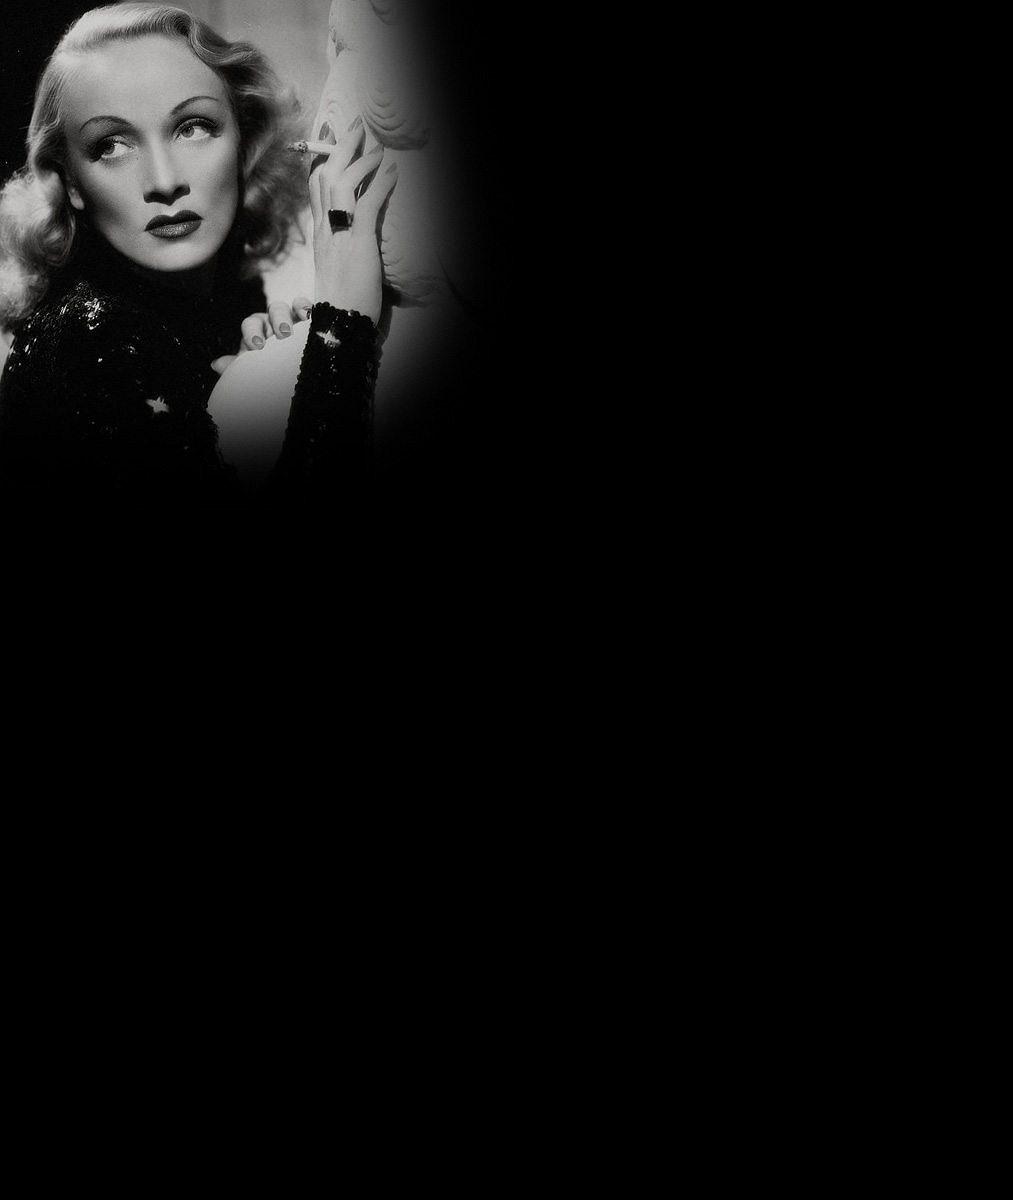 Trpké životní konce slavné herečky: Léta byla upoutána na lůžko v zápachu mezi předměty s vlastními výkaly